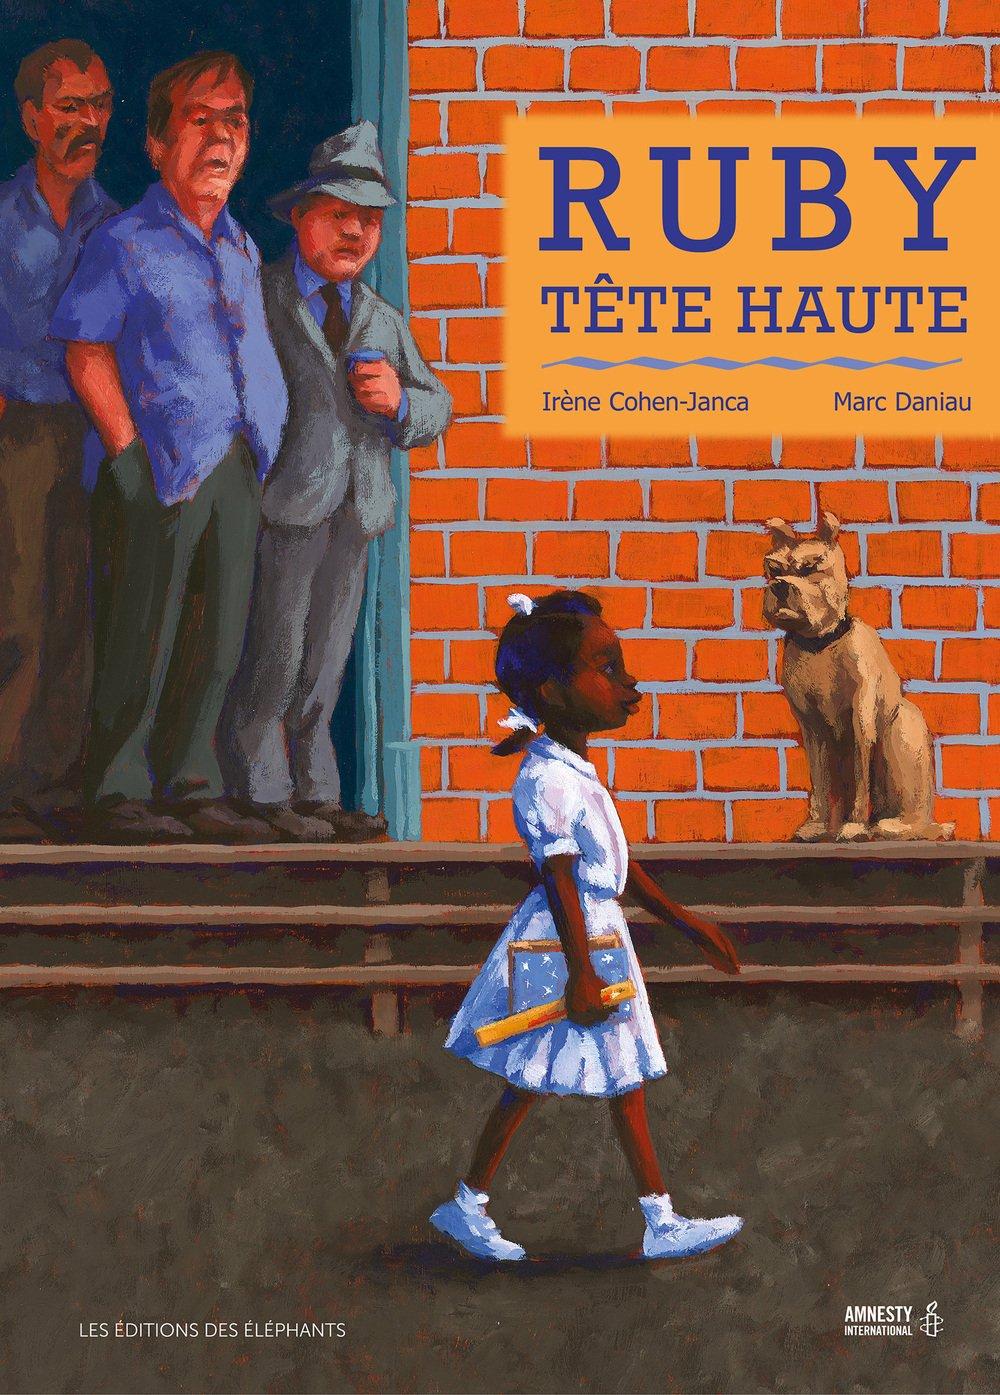 Ruby tête haute / Irène Cohen-Janca, Marc Daniau | Cohen-Janca, Irène. Auteur